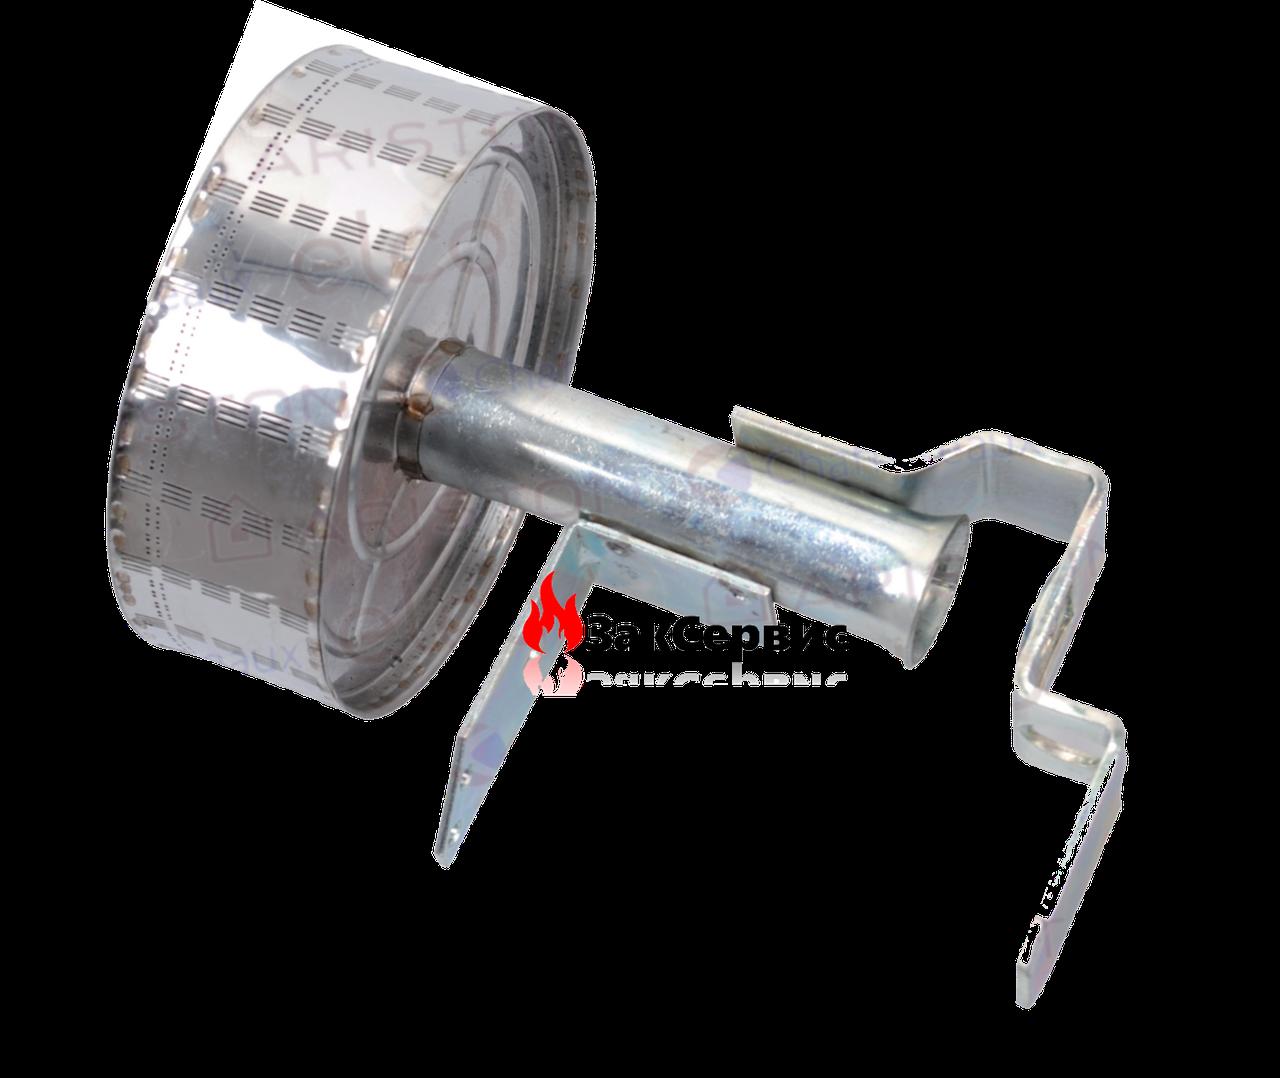 Горелка для газового бойлера Ariston SGA 120-150-200 R 290626